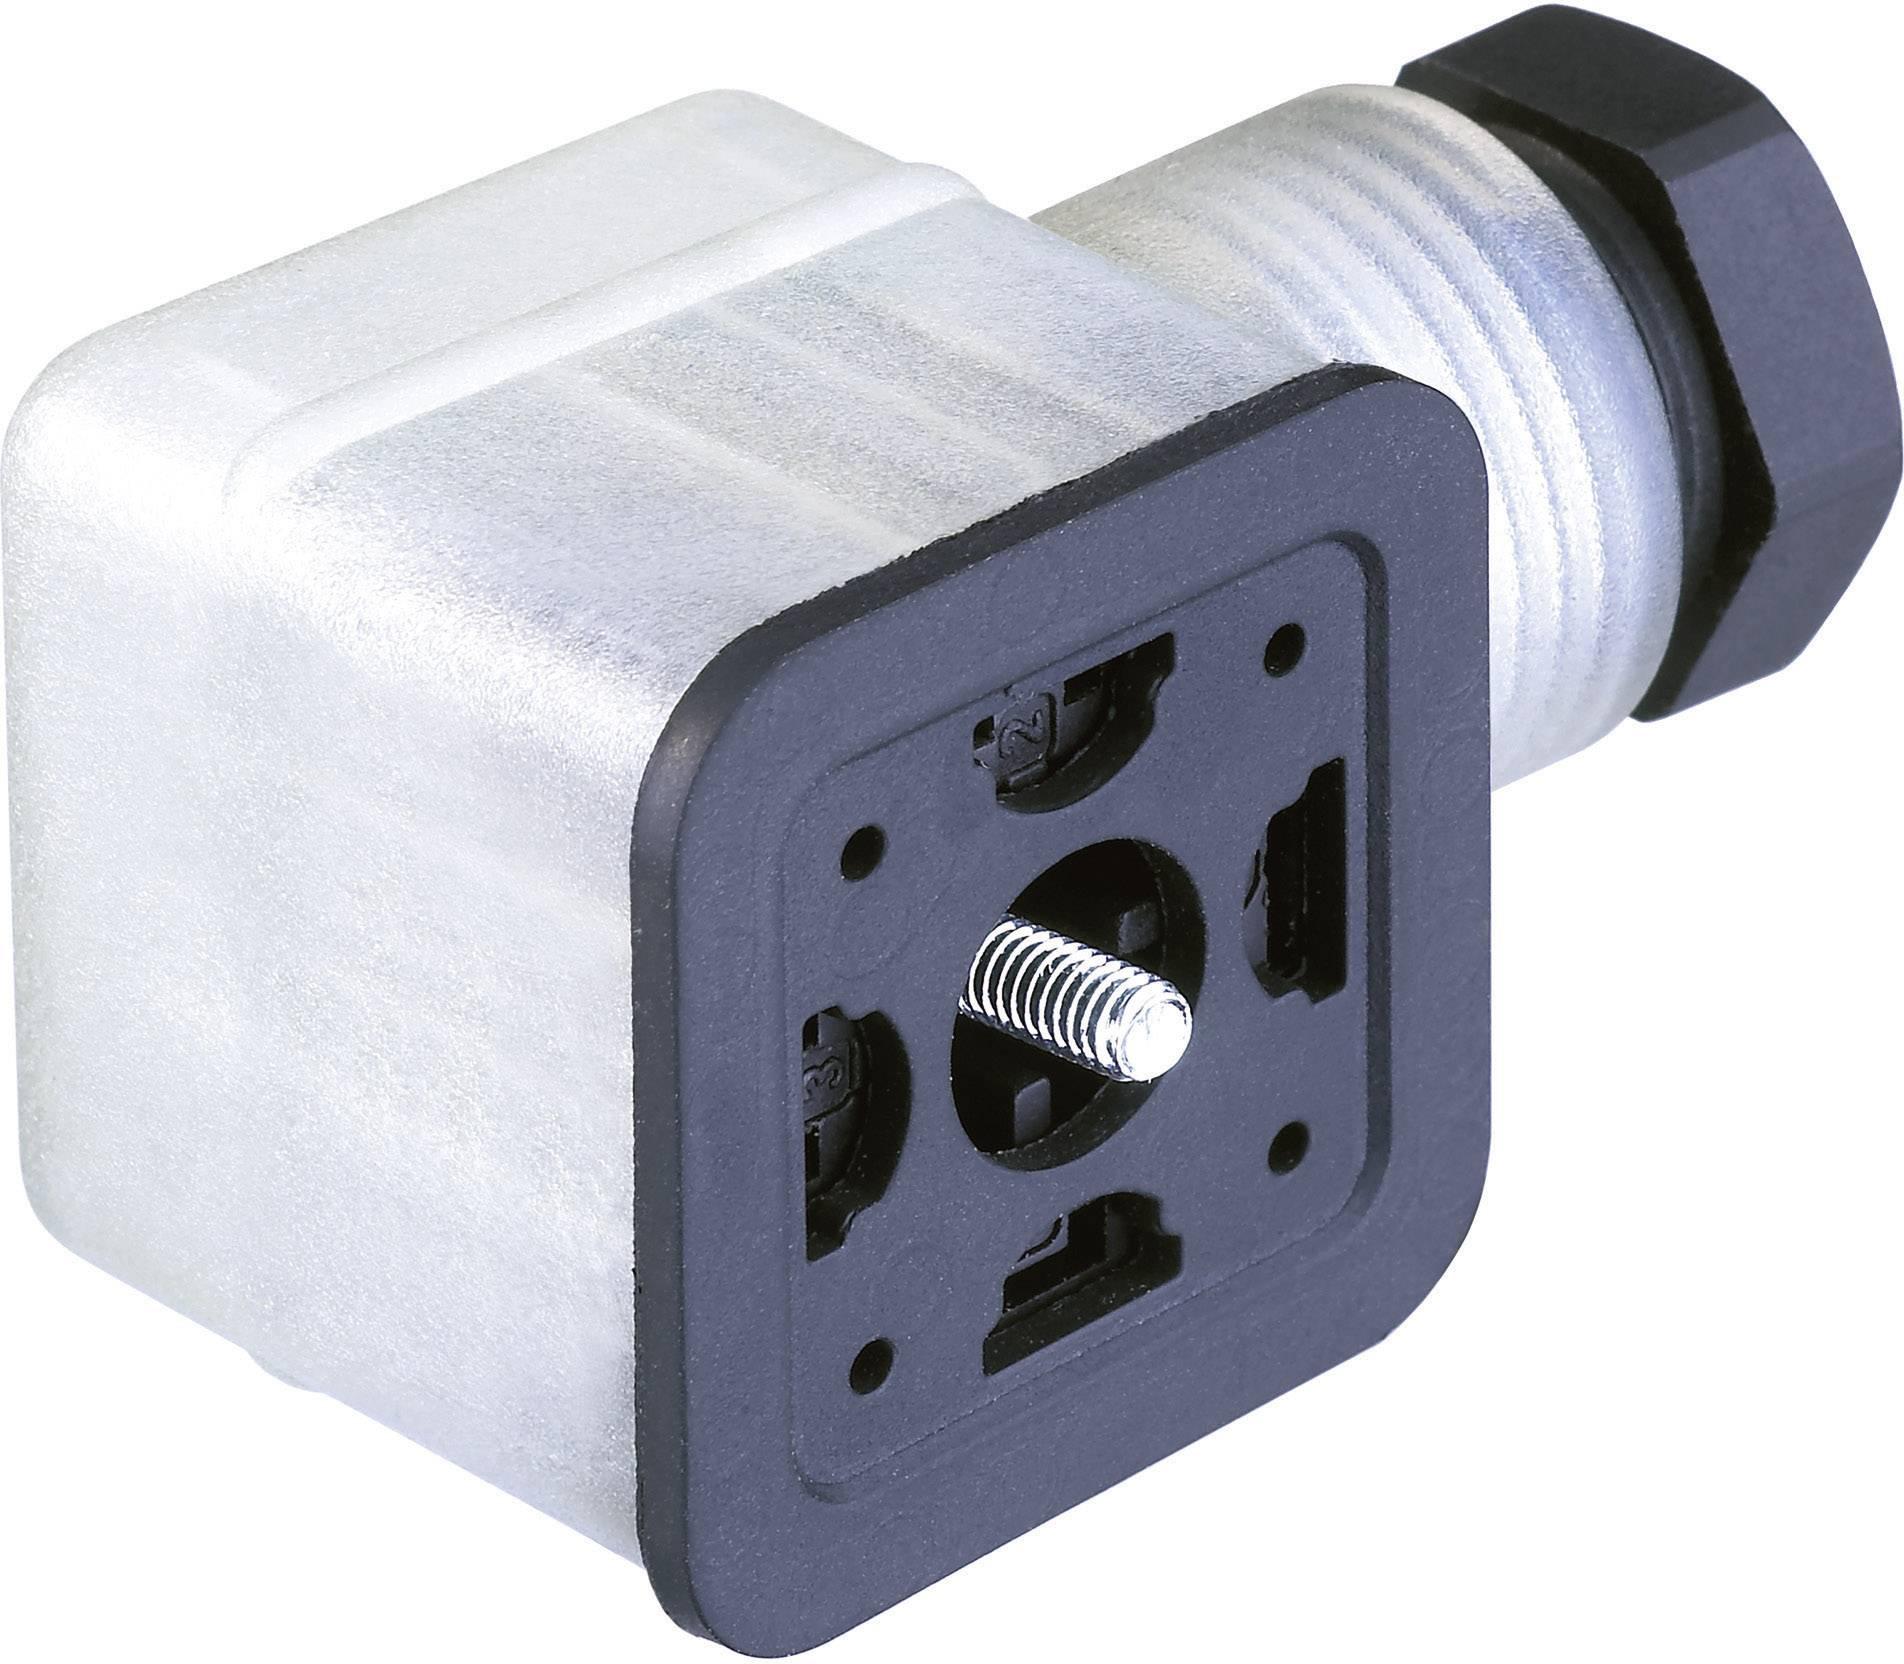 Propojovací ventil Hirschmann CO GDMF 2016 DFAA (935 980-181), IP65, transparentní